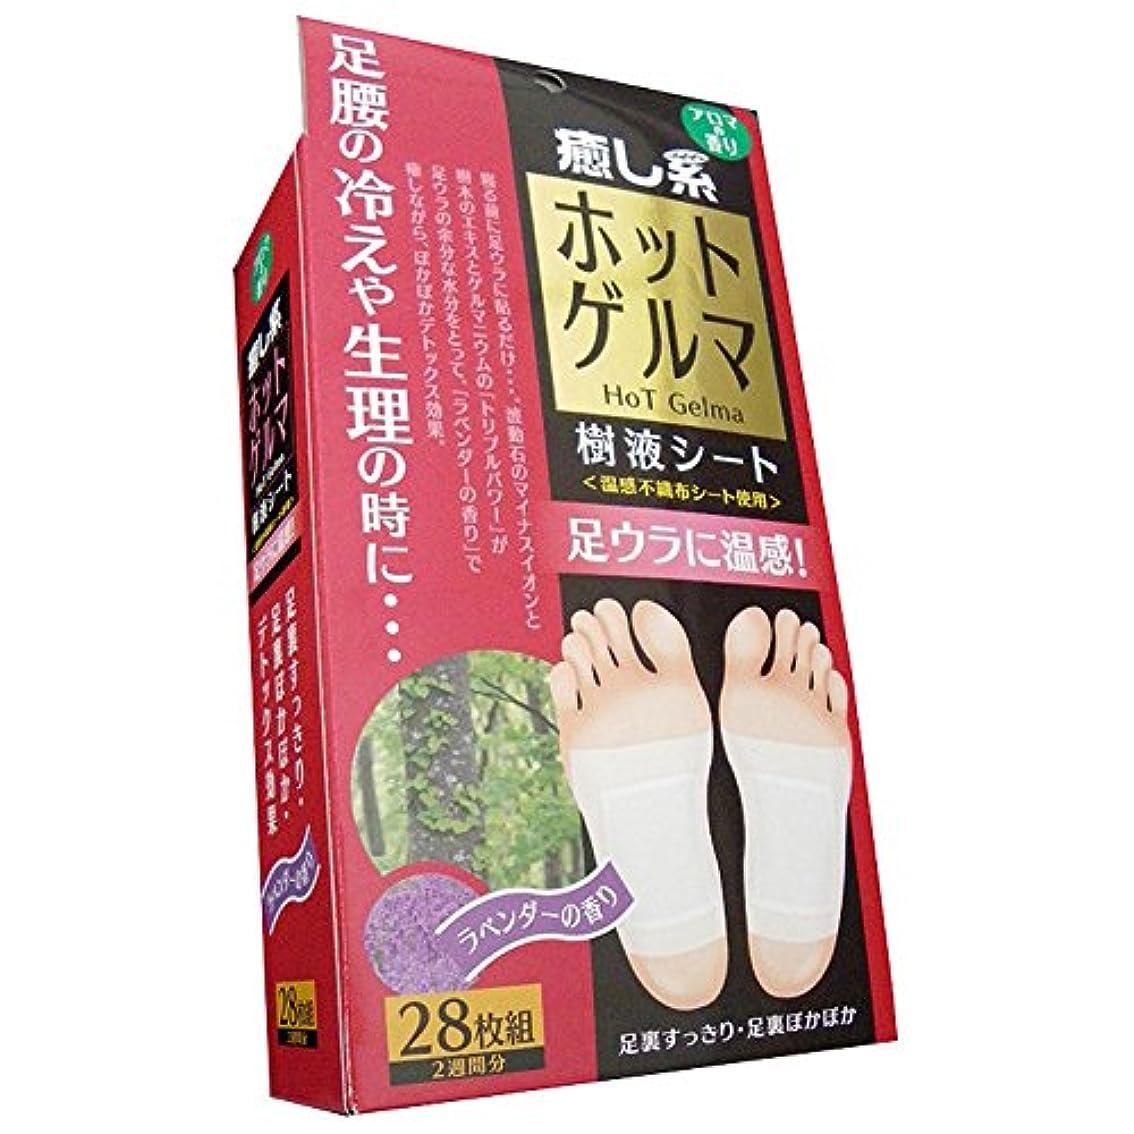 昇進フレット木曜日日本製 HADARIKI ホットゲルマ樹液シート28枚組 2週間分 ラベンダーの香り 足 裏 樹液 シート フット ケア 足ツボ 健康 まとめ買い